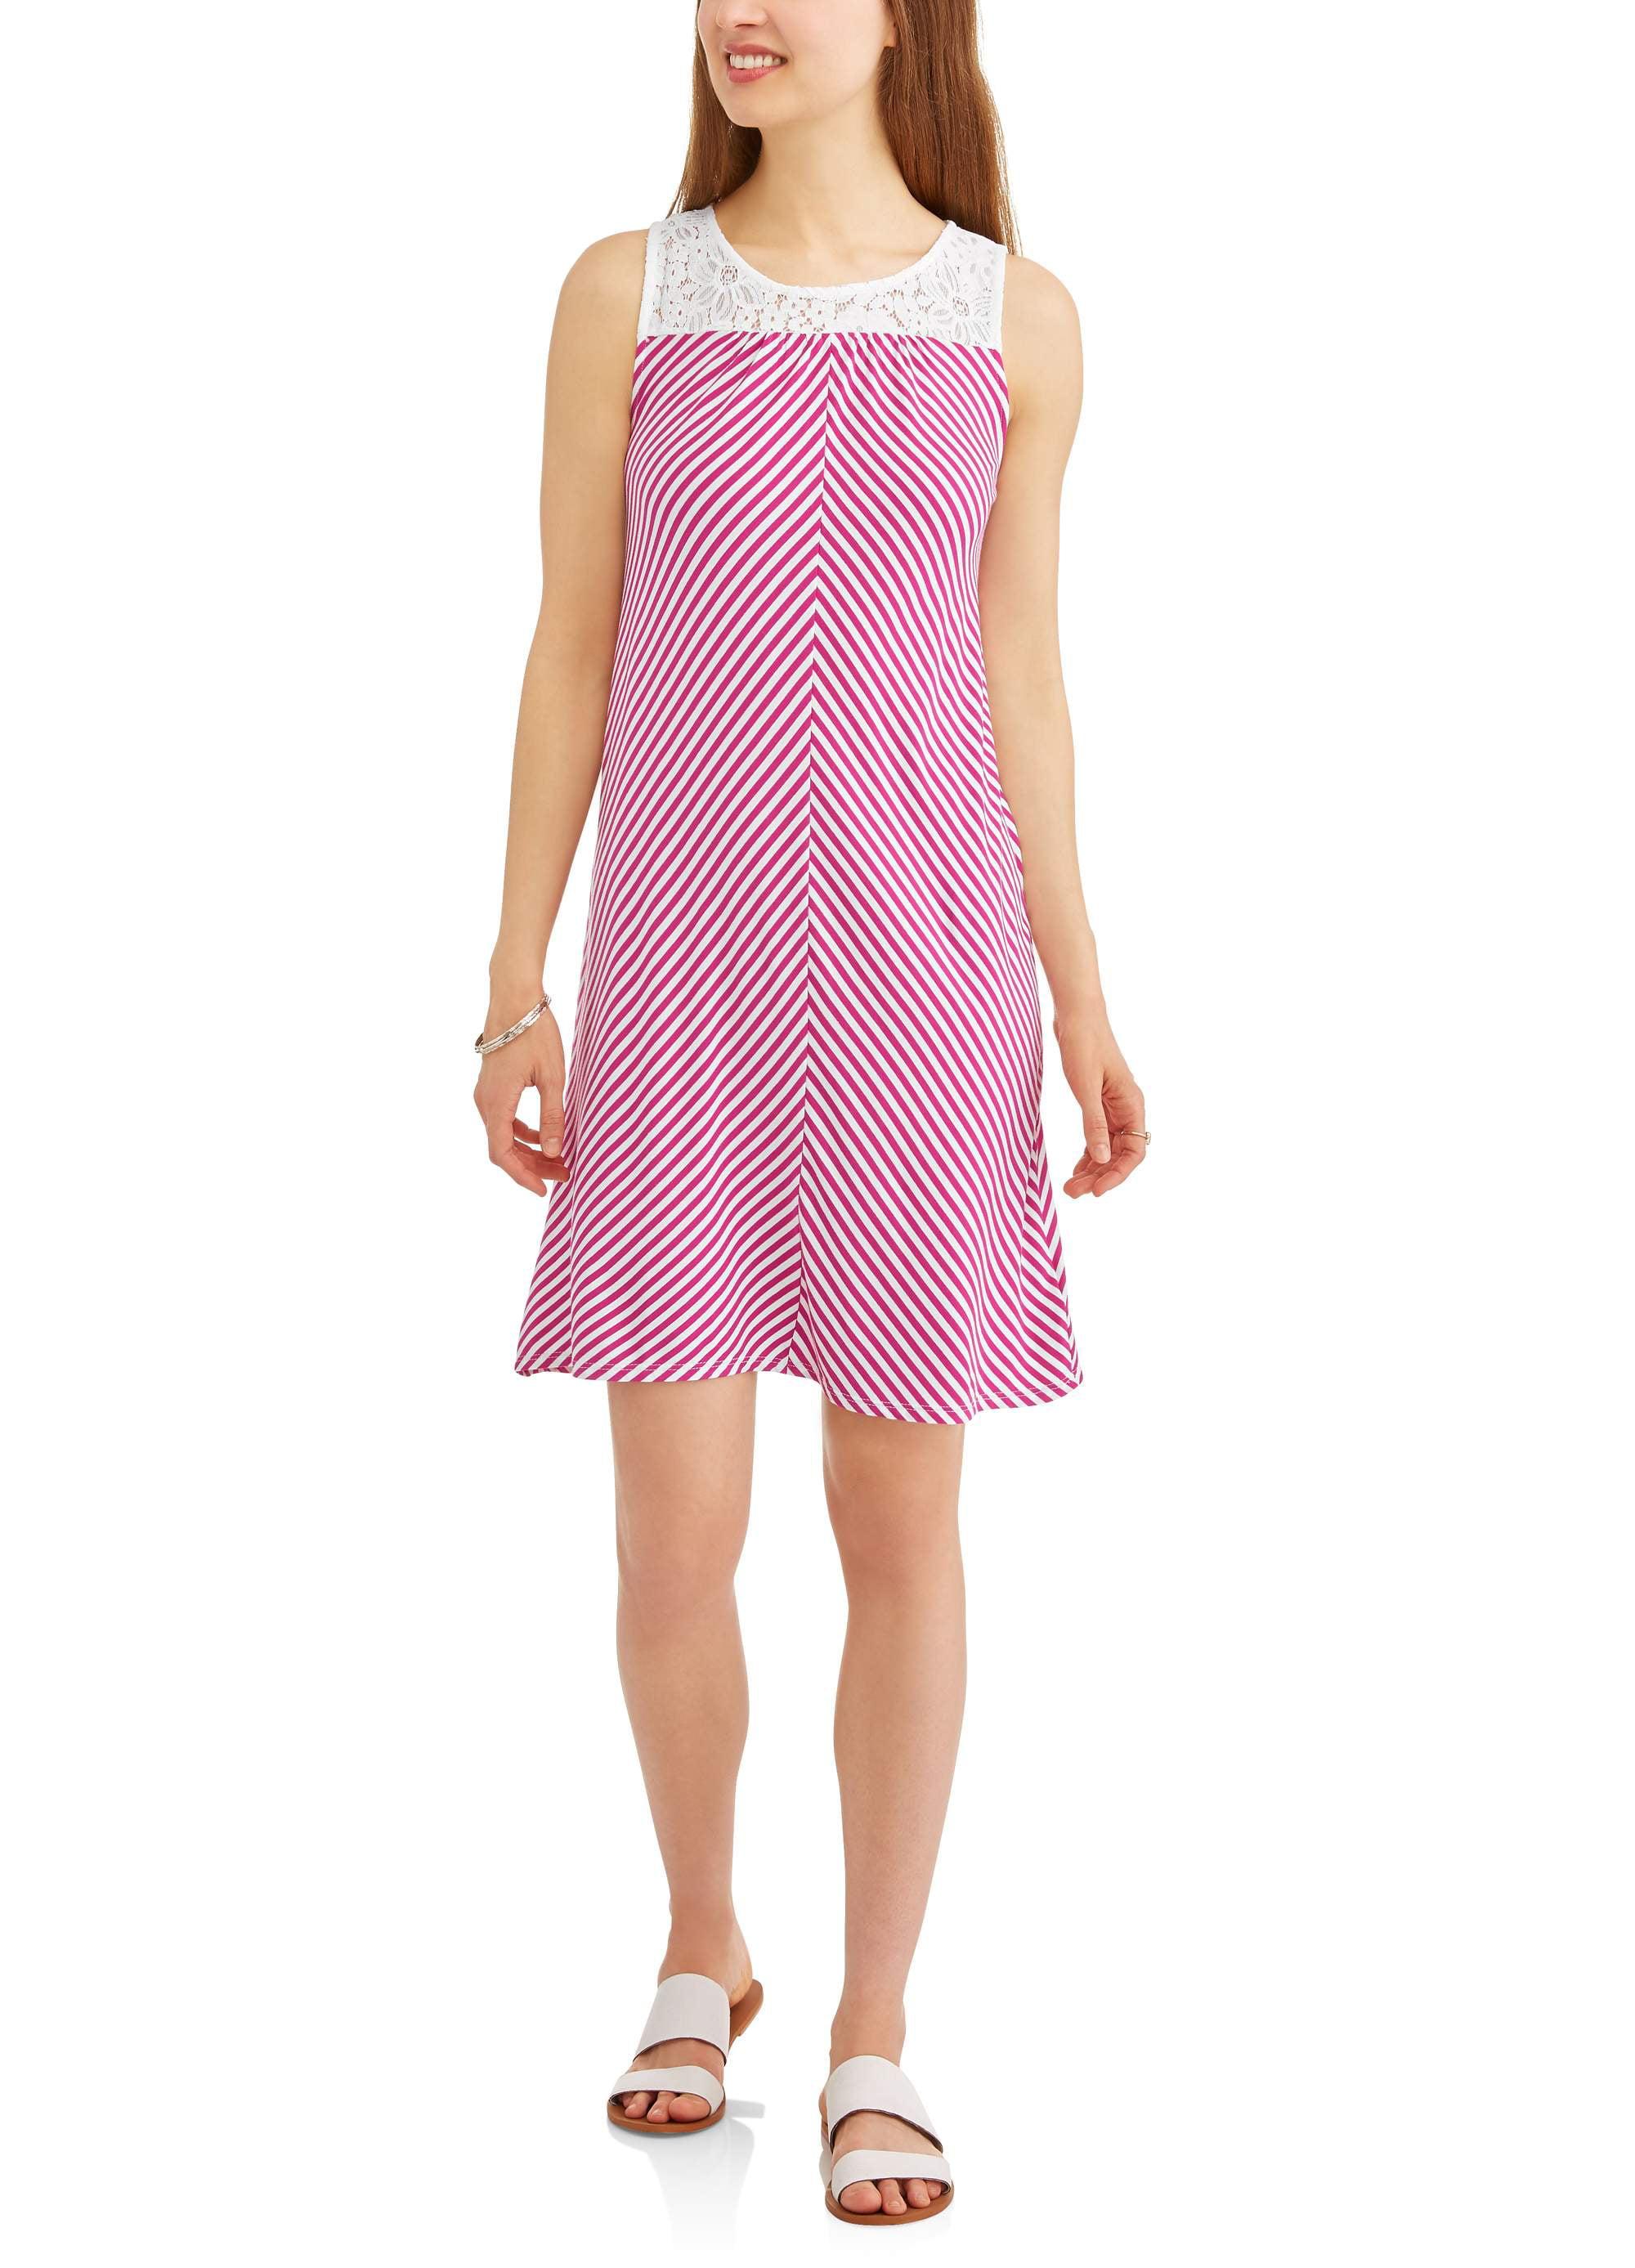 Women's Knit Dress with Lace Yoke